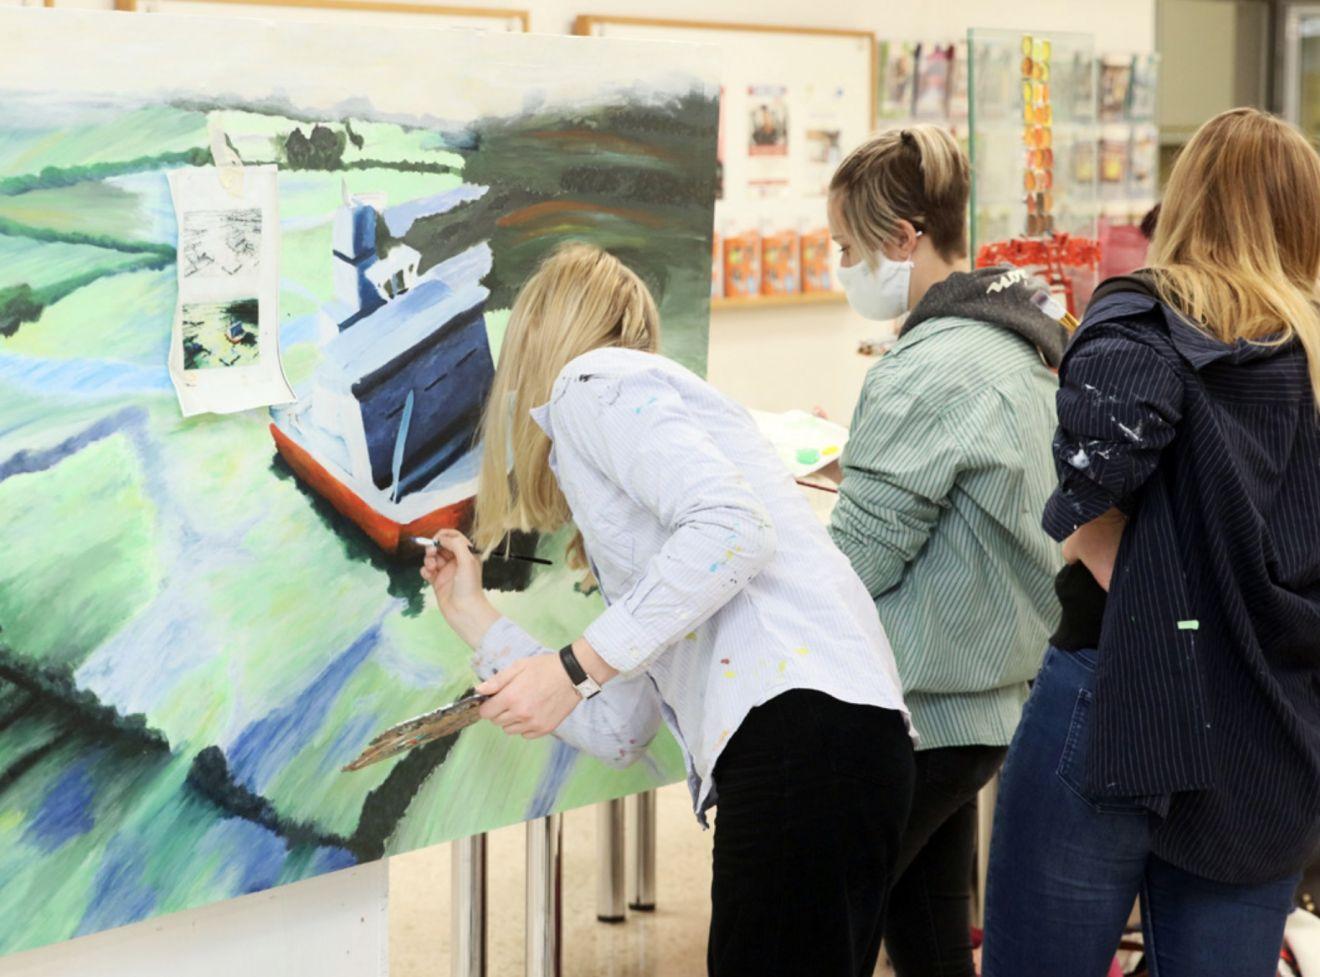 Drei Schülerinnen stehen vor einer Leinwand und malen